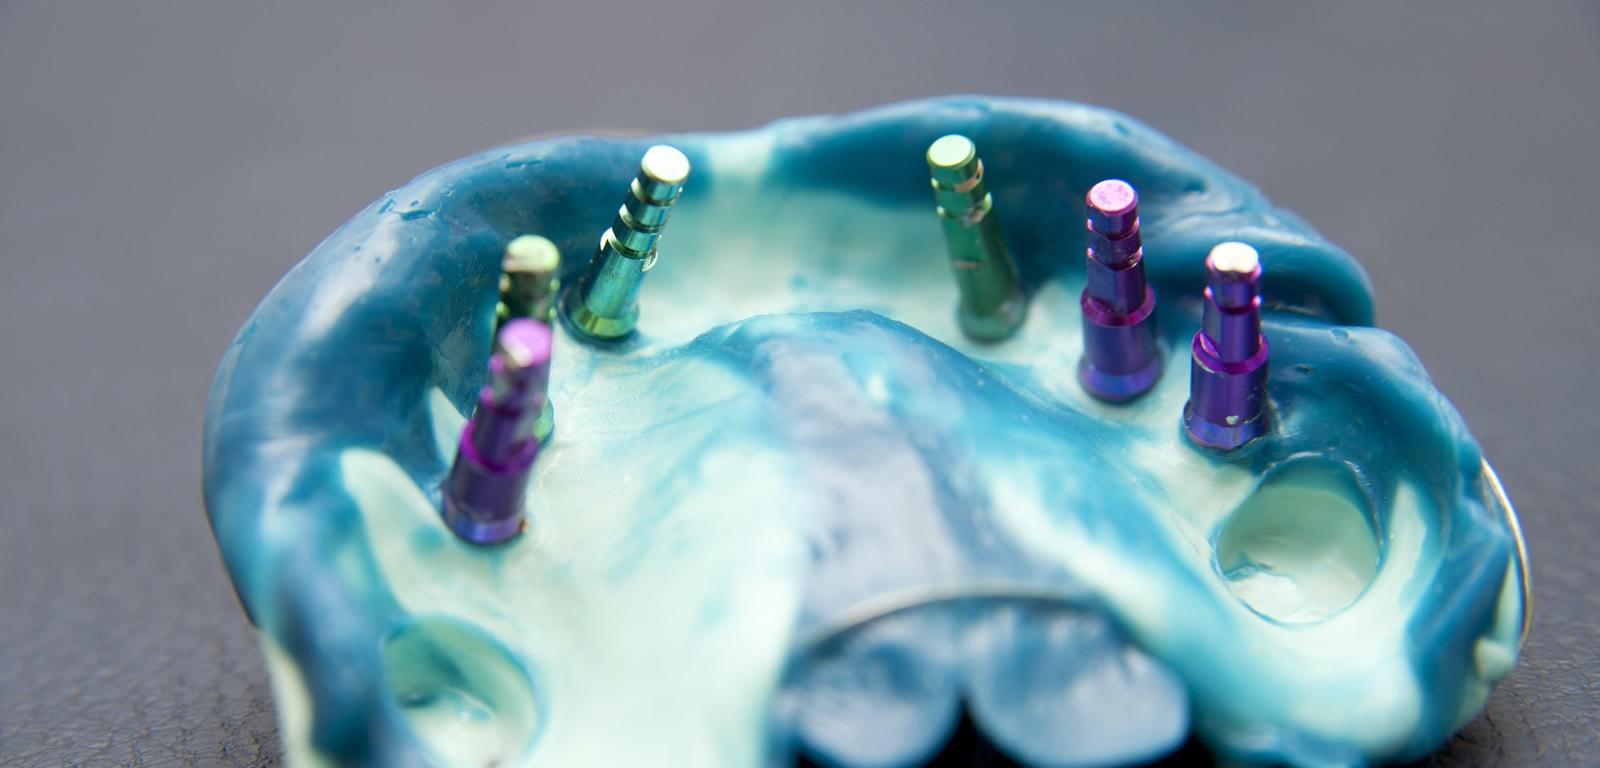 Couronne Céramo-Métallique sur implant